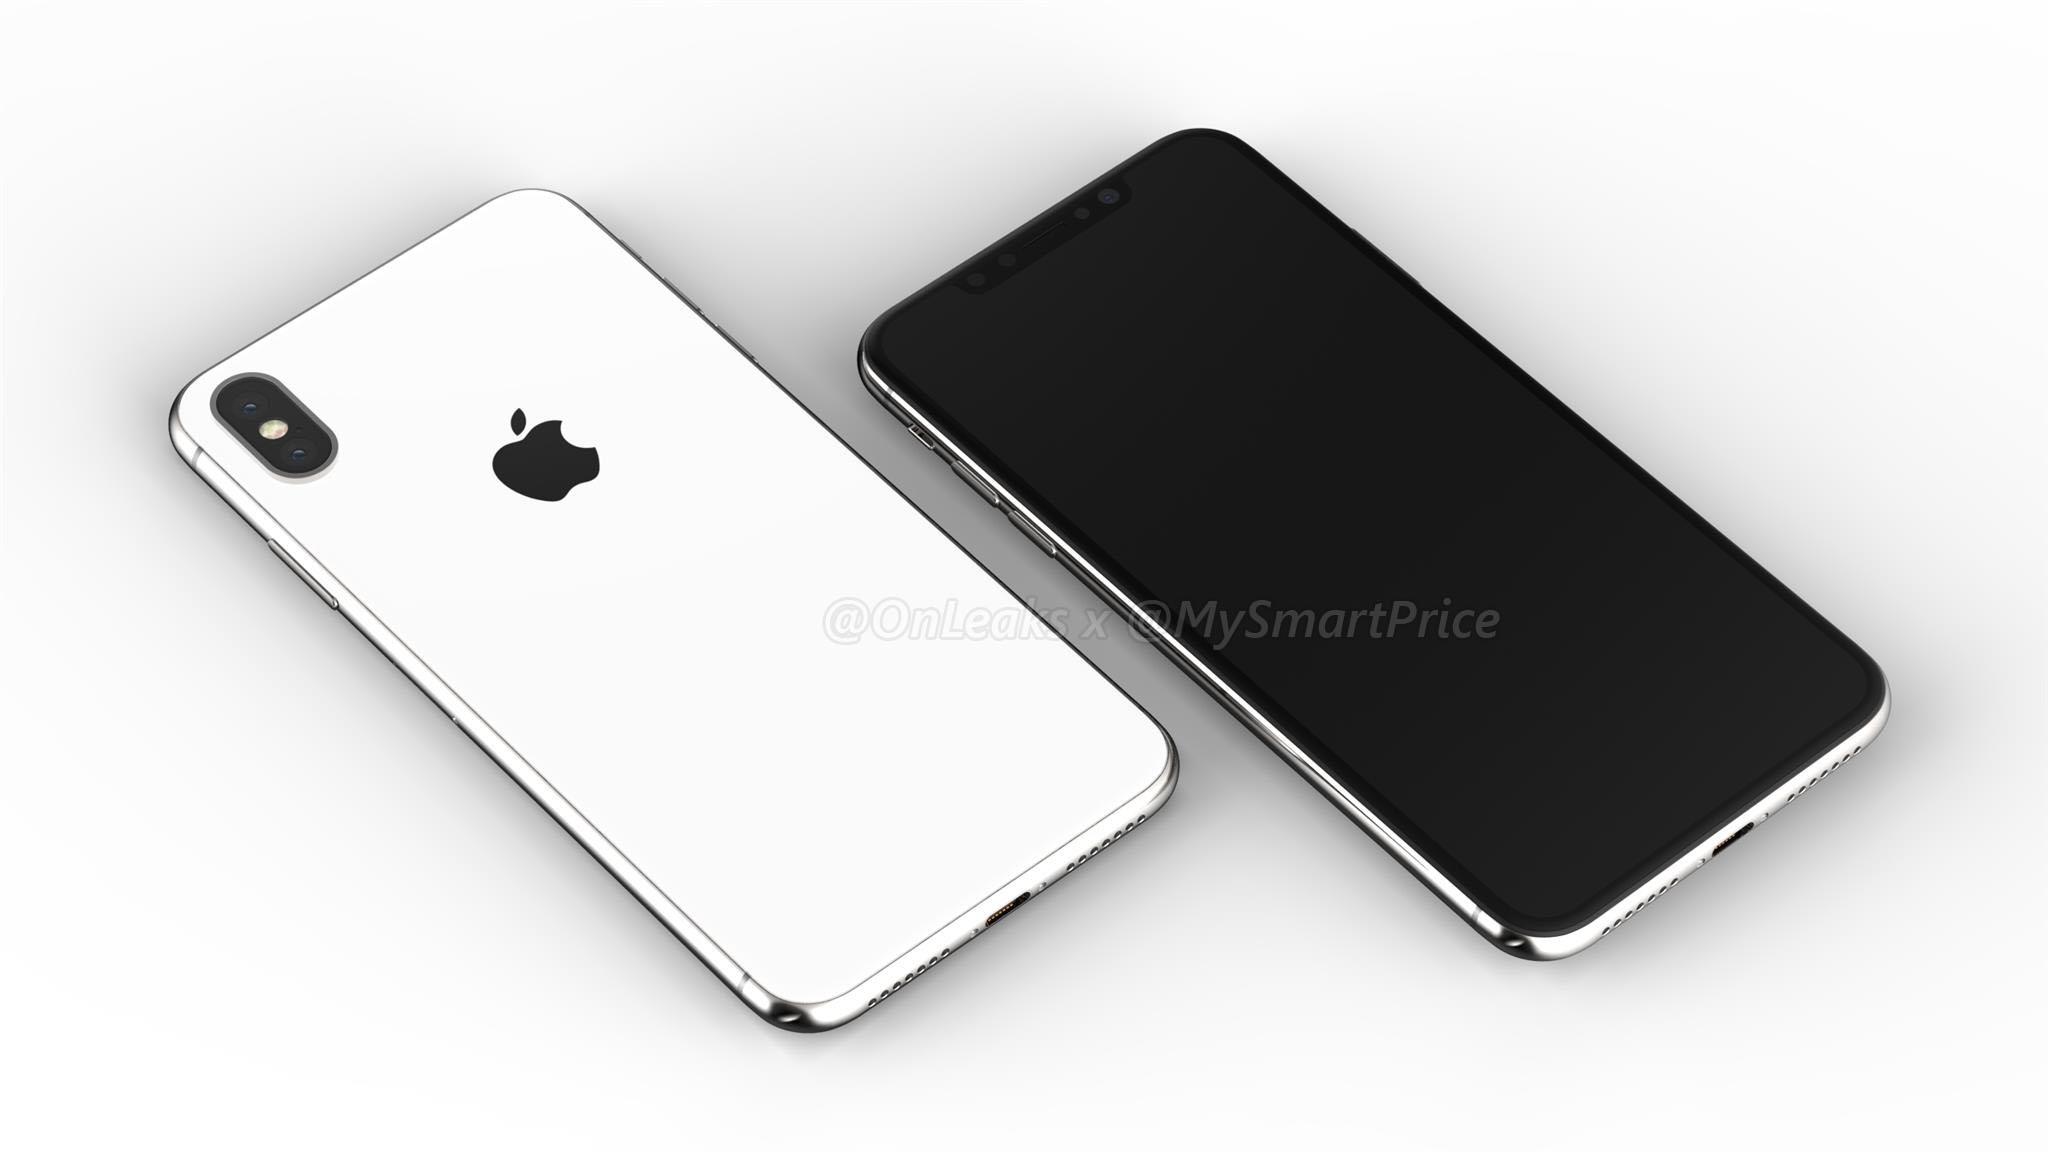 iPhone Xs et iPhone Xs Max : 512 Go de stockage en vue pour contrer le Galaxy Note 9